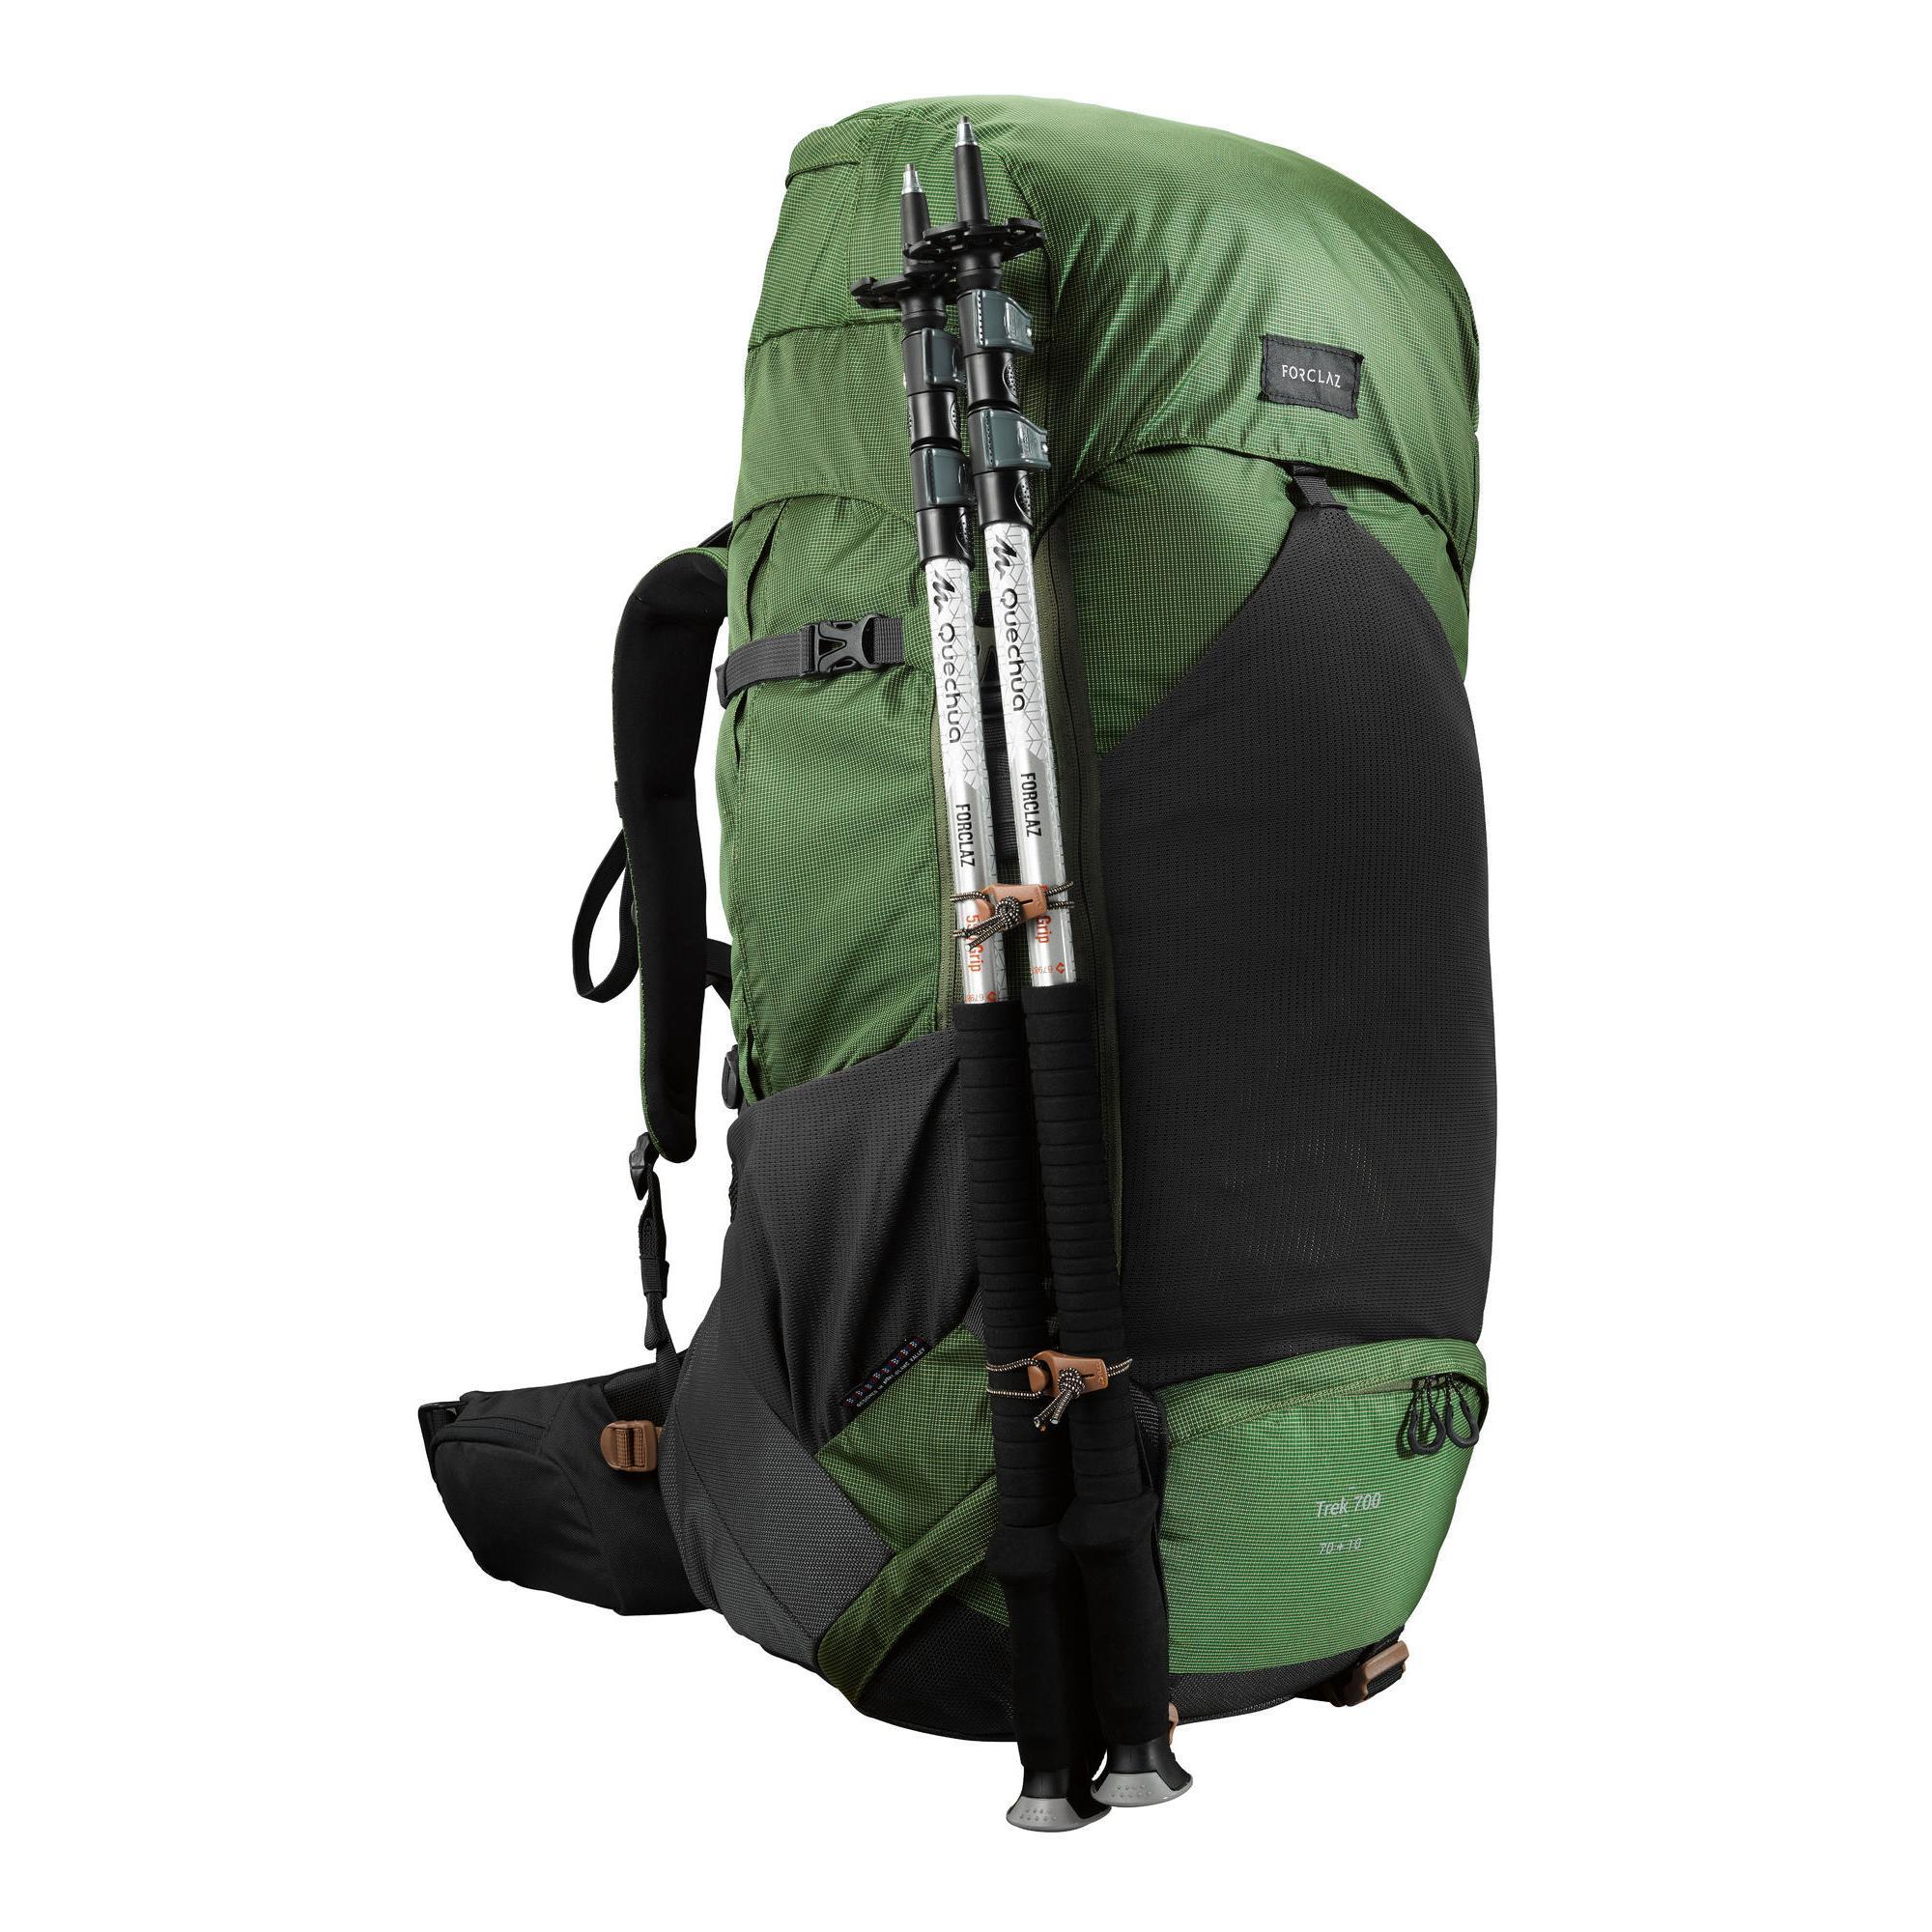 e88e8cc75 Quechua Forclaz 40 Air Hiking Backpack Review